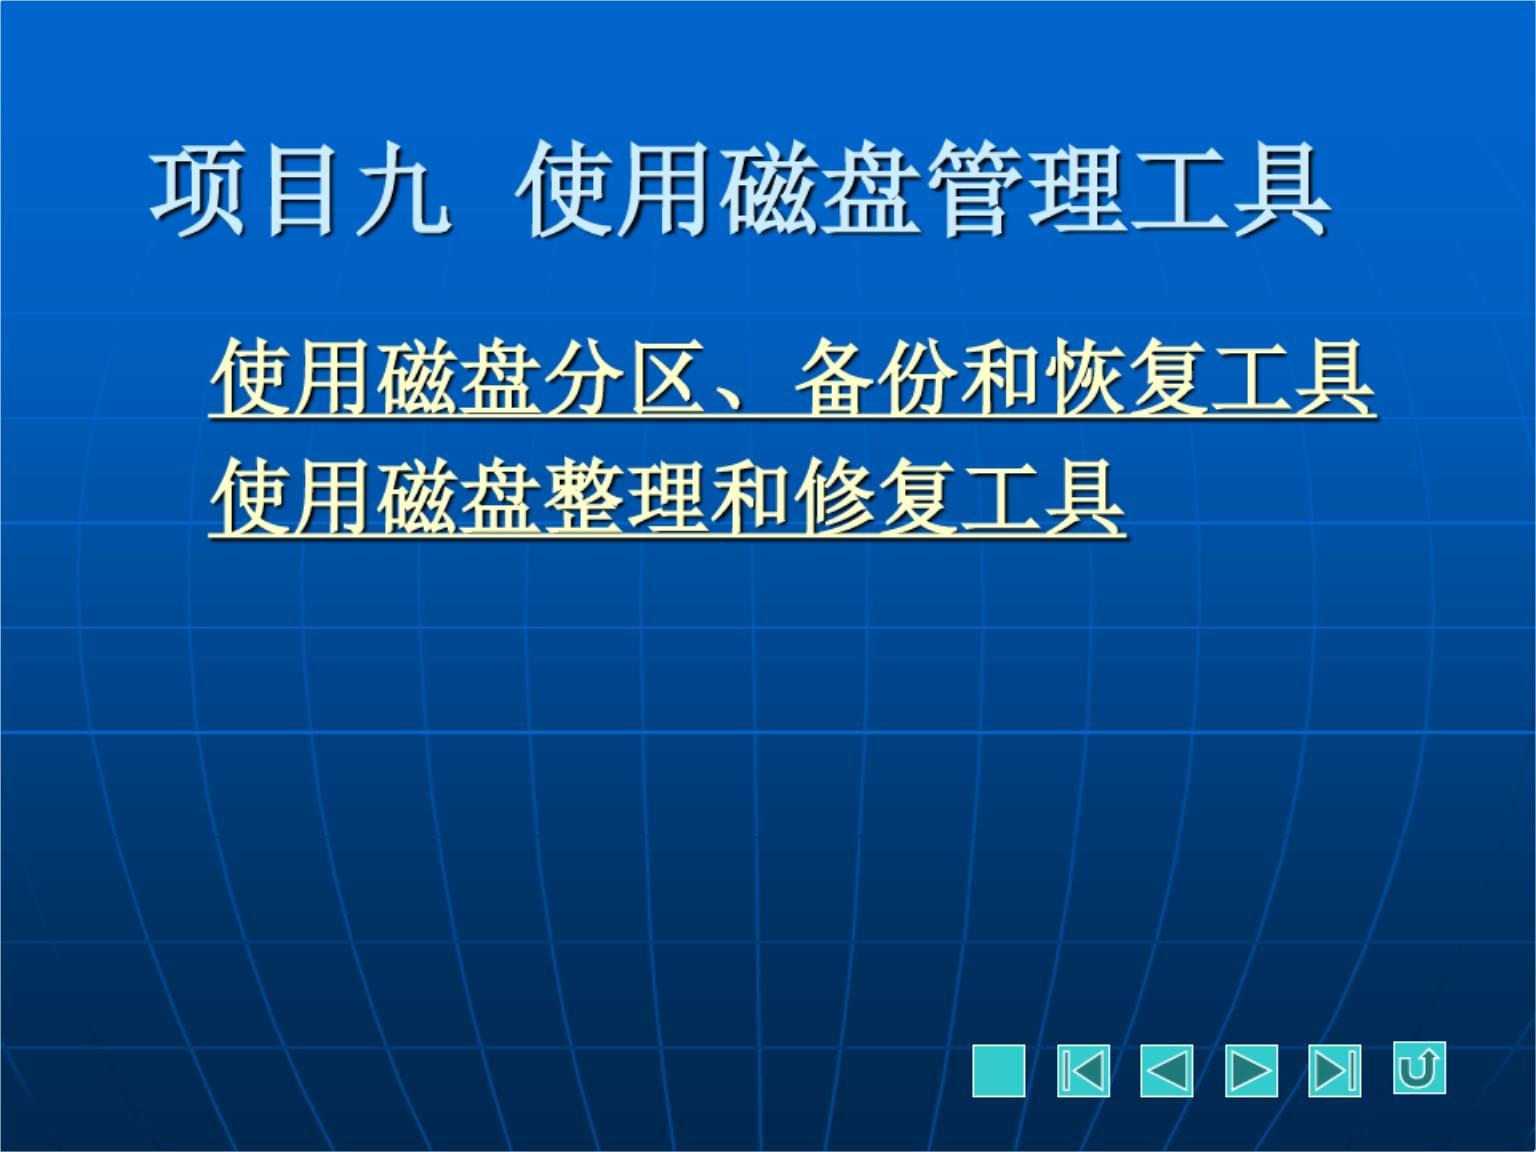 项目九-使用磁盘管理工具.ppt